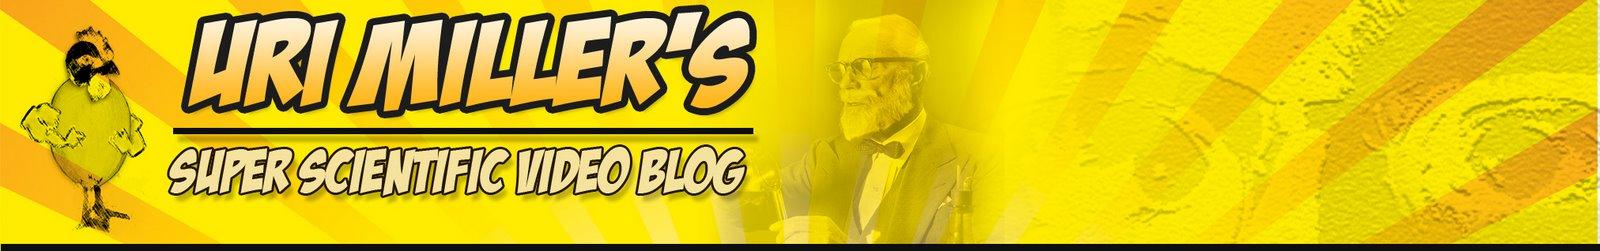 Uri Miller's Super Scientific Video Blog